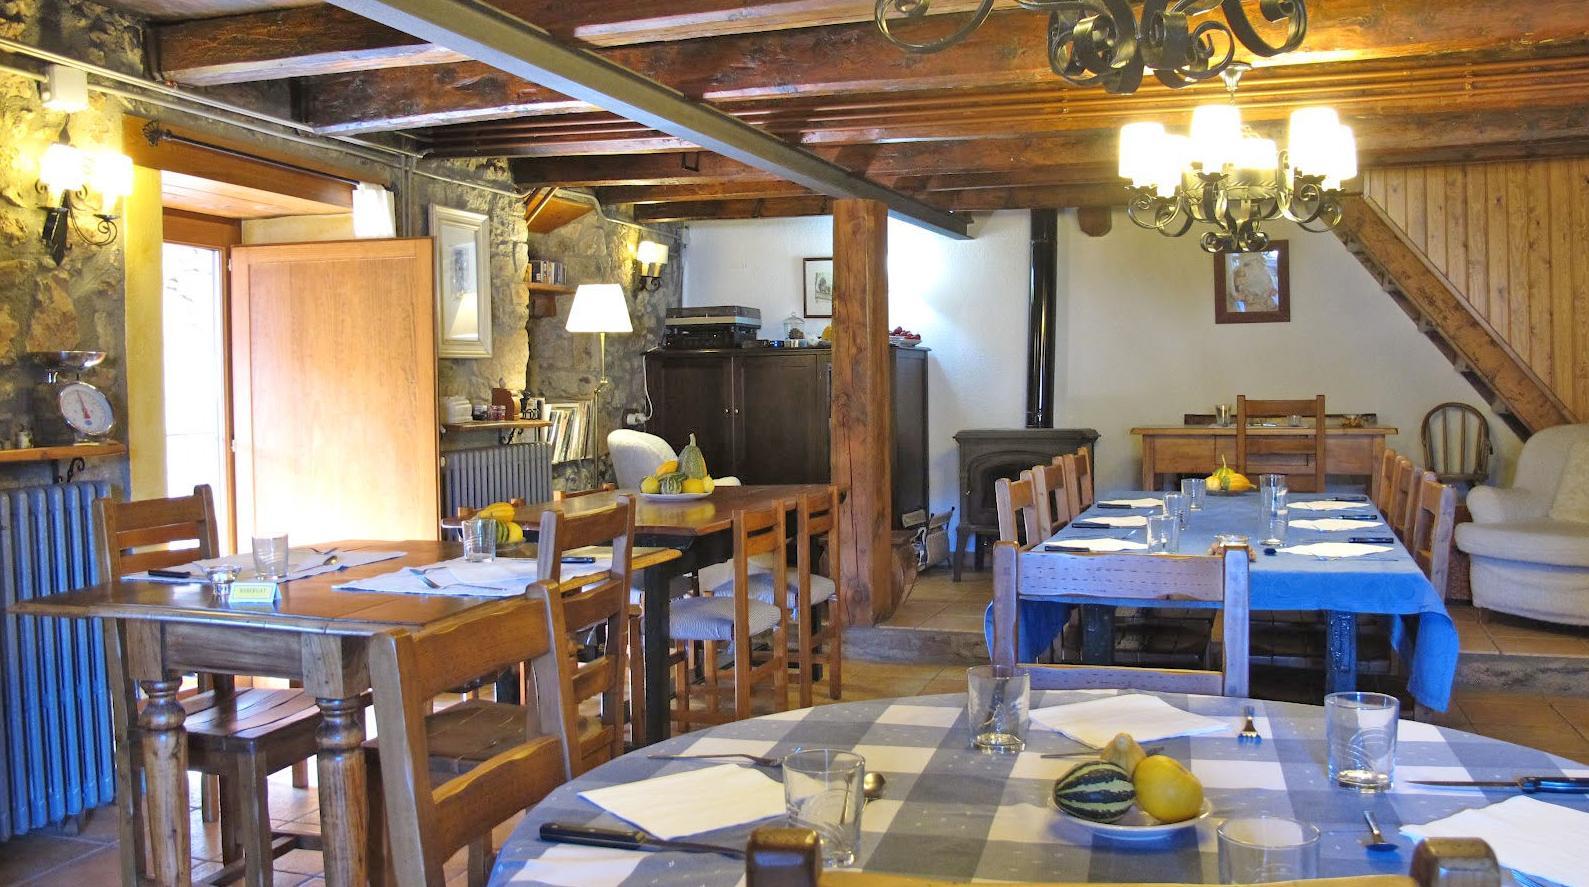 Restaurante Cal Coix - Cocina catalana